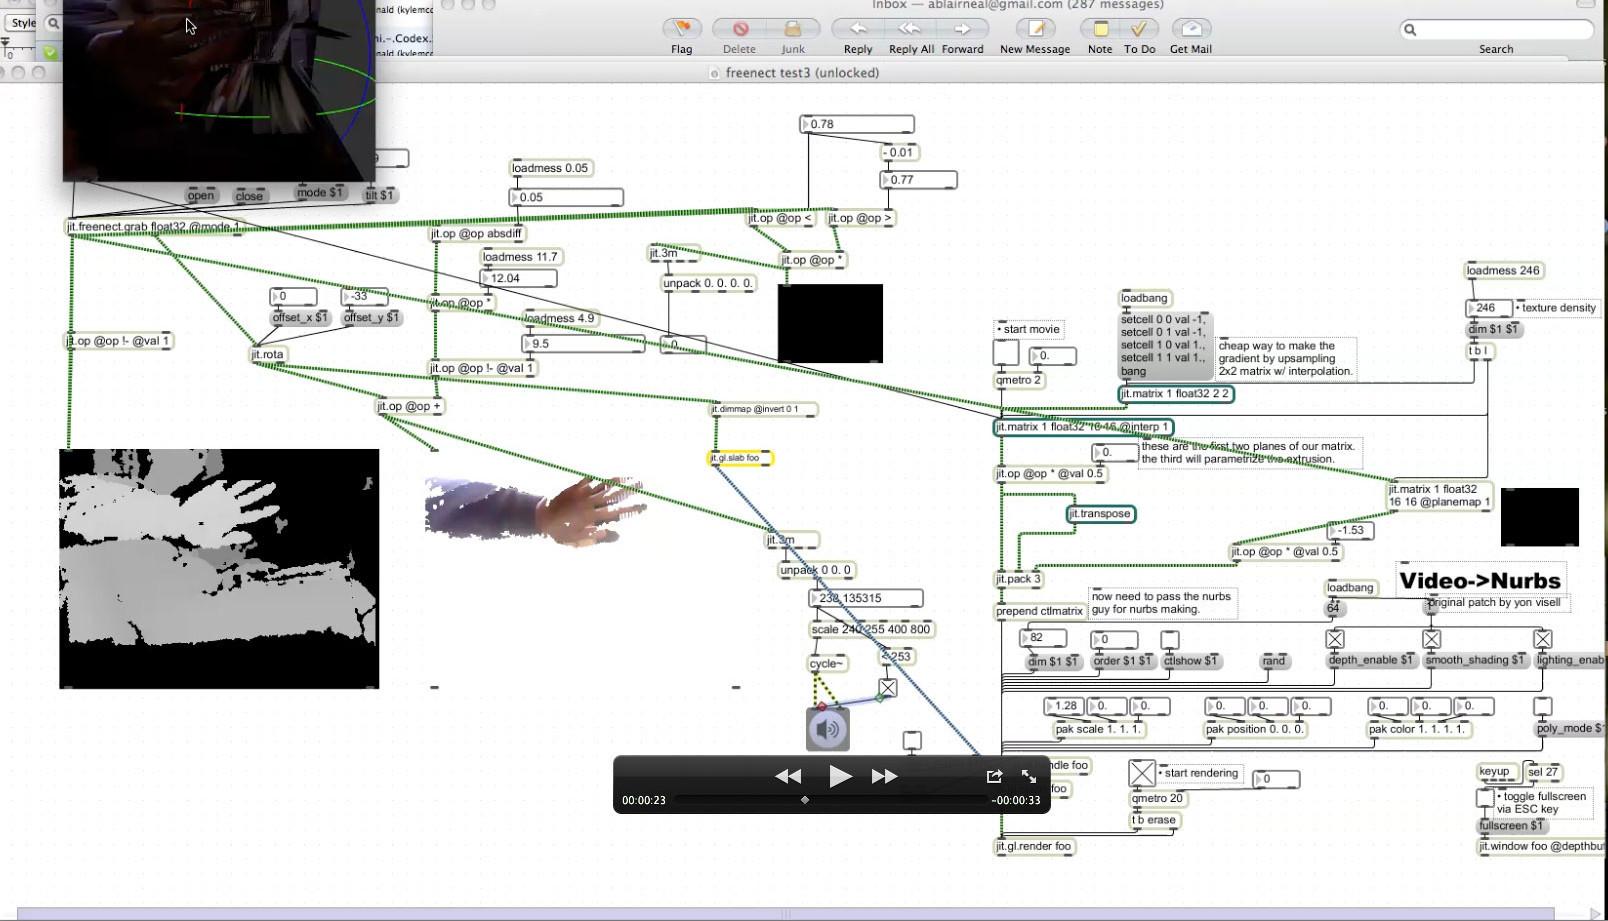 Freenect-screengrab